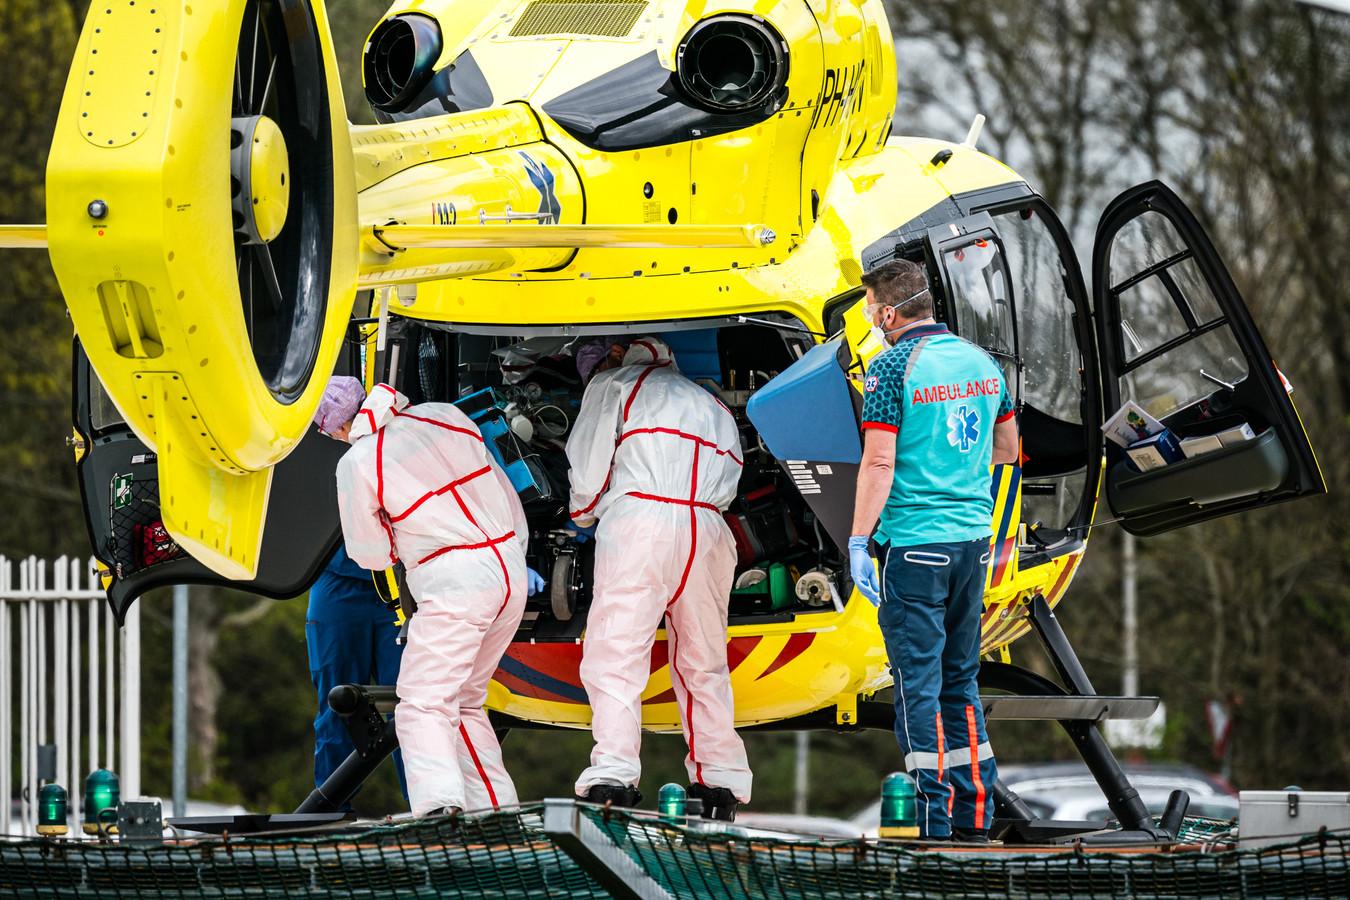 De traumahelikopter brengt een coronapatient van het Elisabeth-TweeSteden Ziekenhuis in Tilburg naar het UMCG in Groningen.